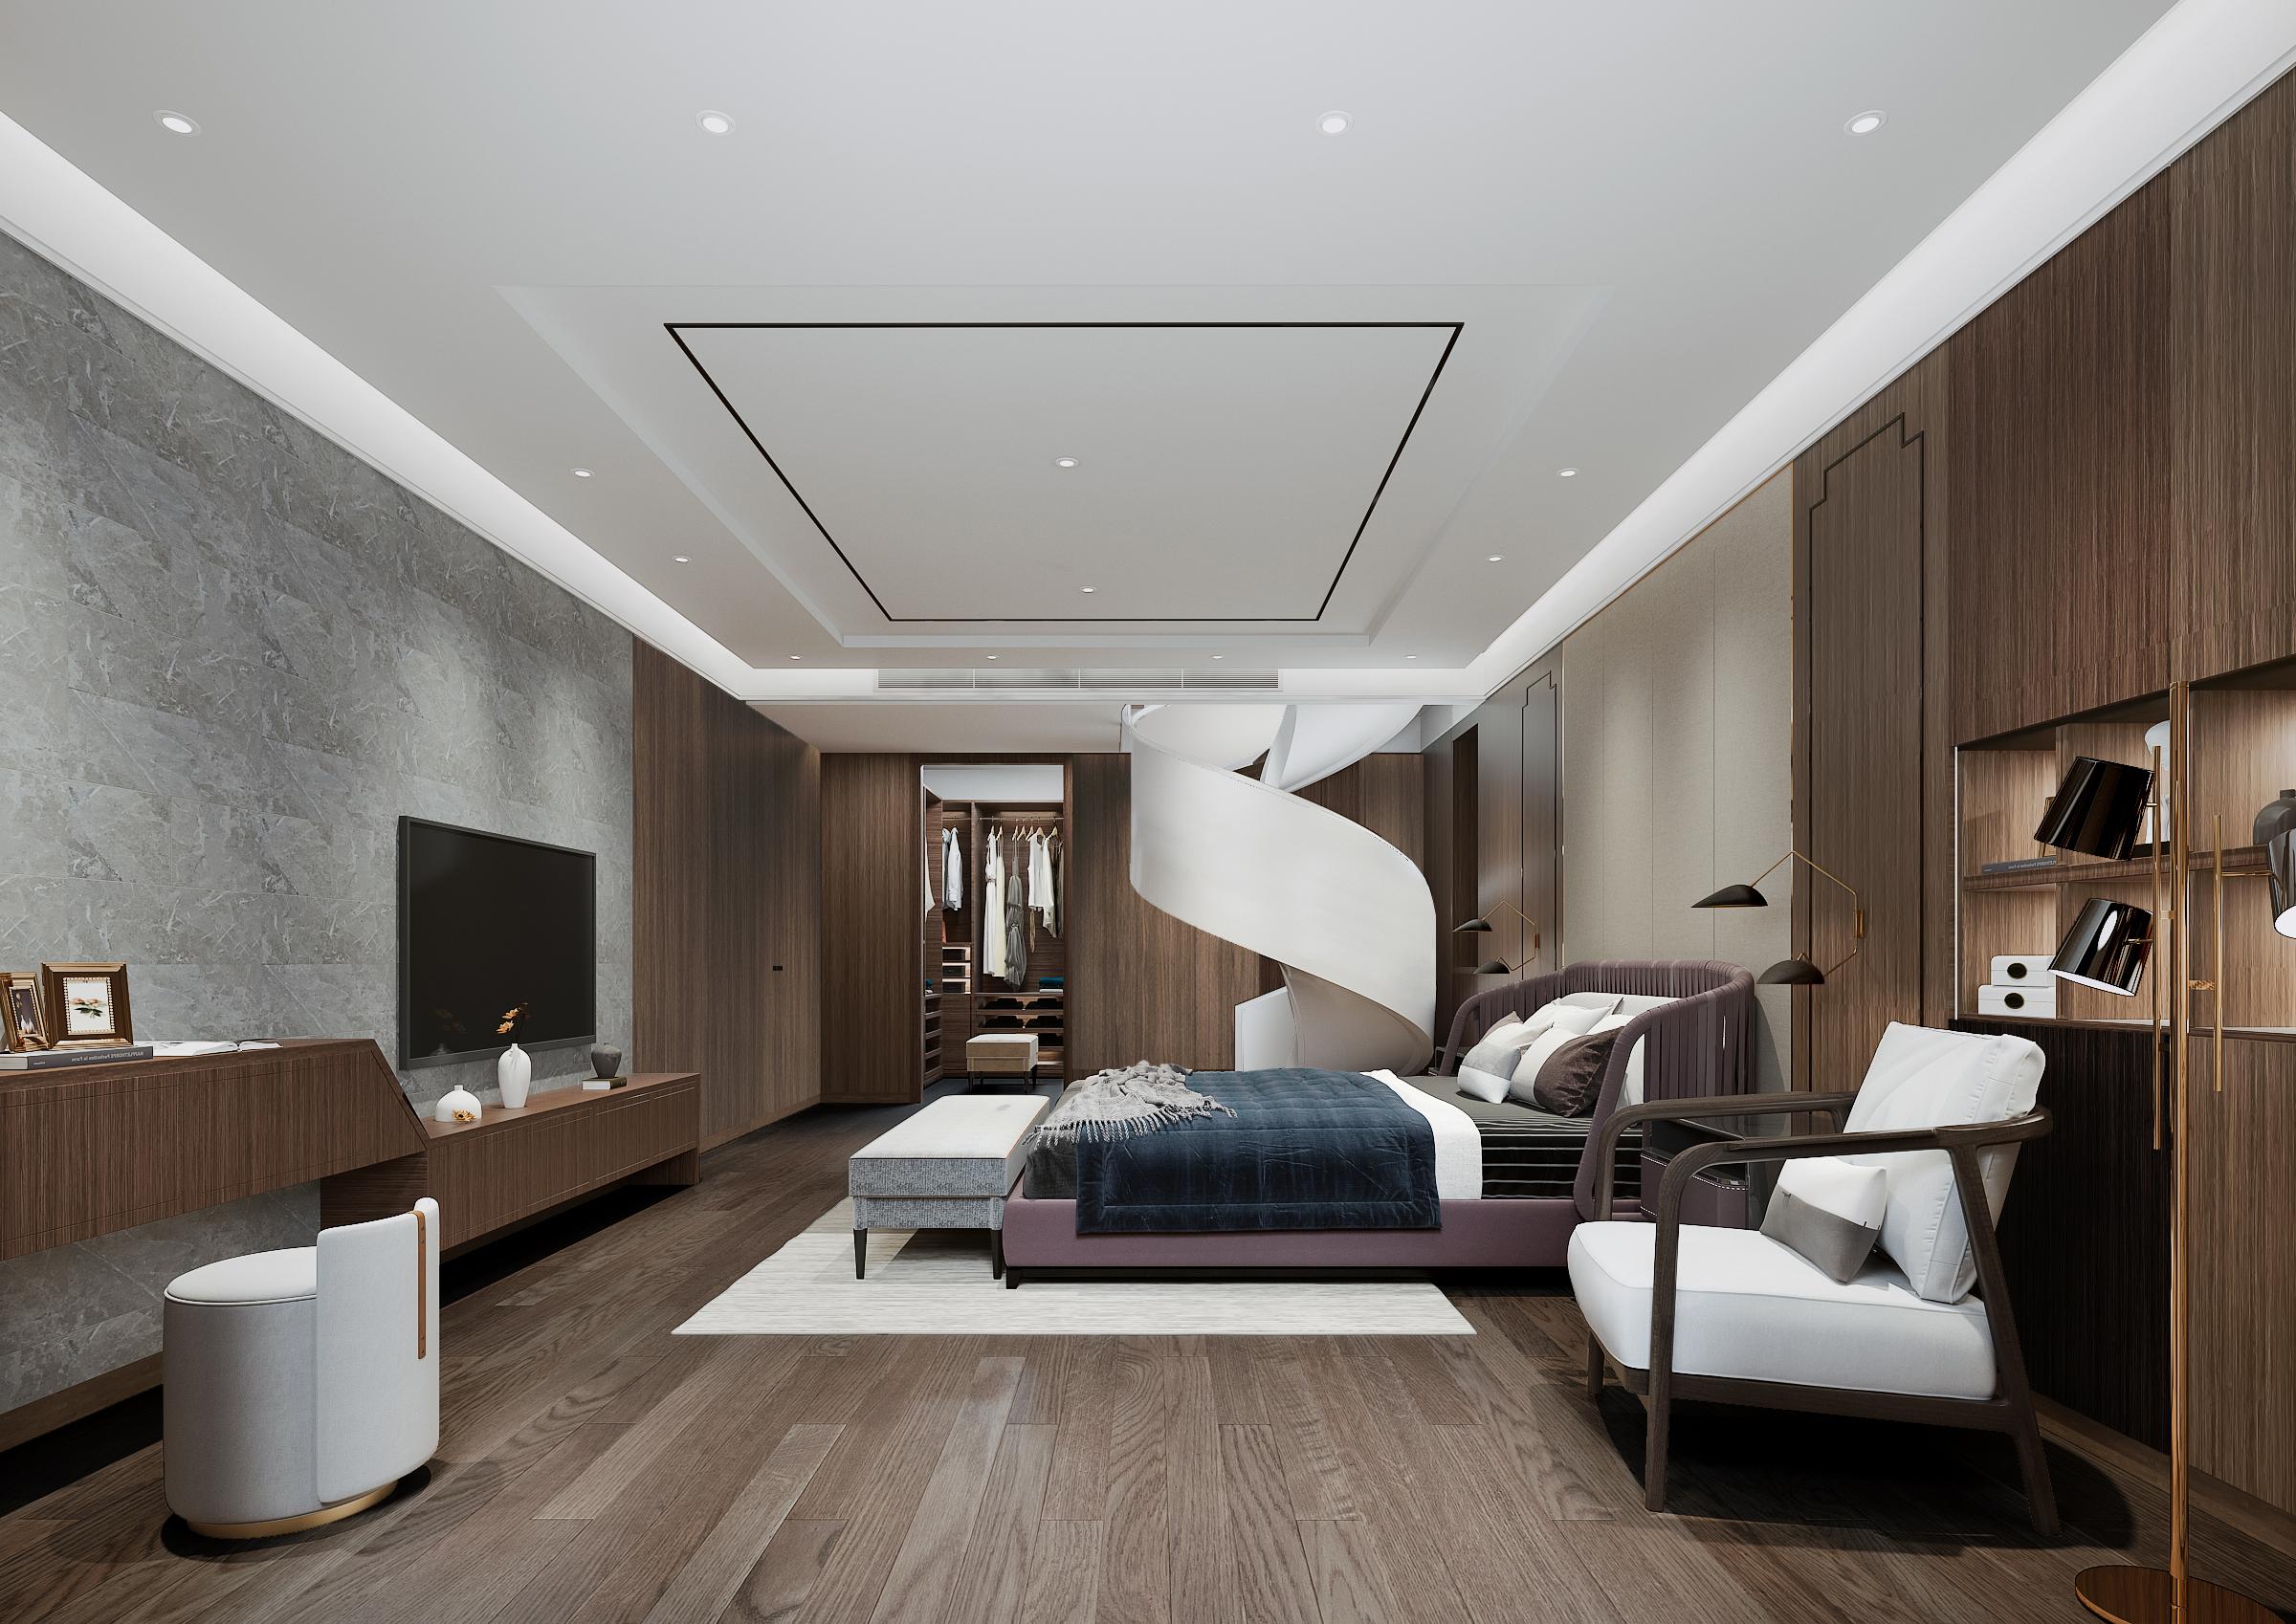 简约 混搭 别墅 卧室图片来自林上淮·圣奇凯尚装饰在爱家有故事·现代中式的分享